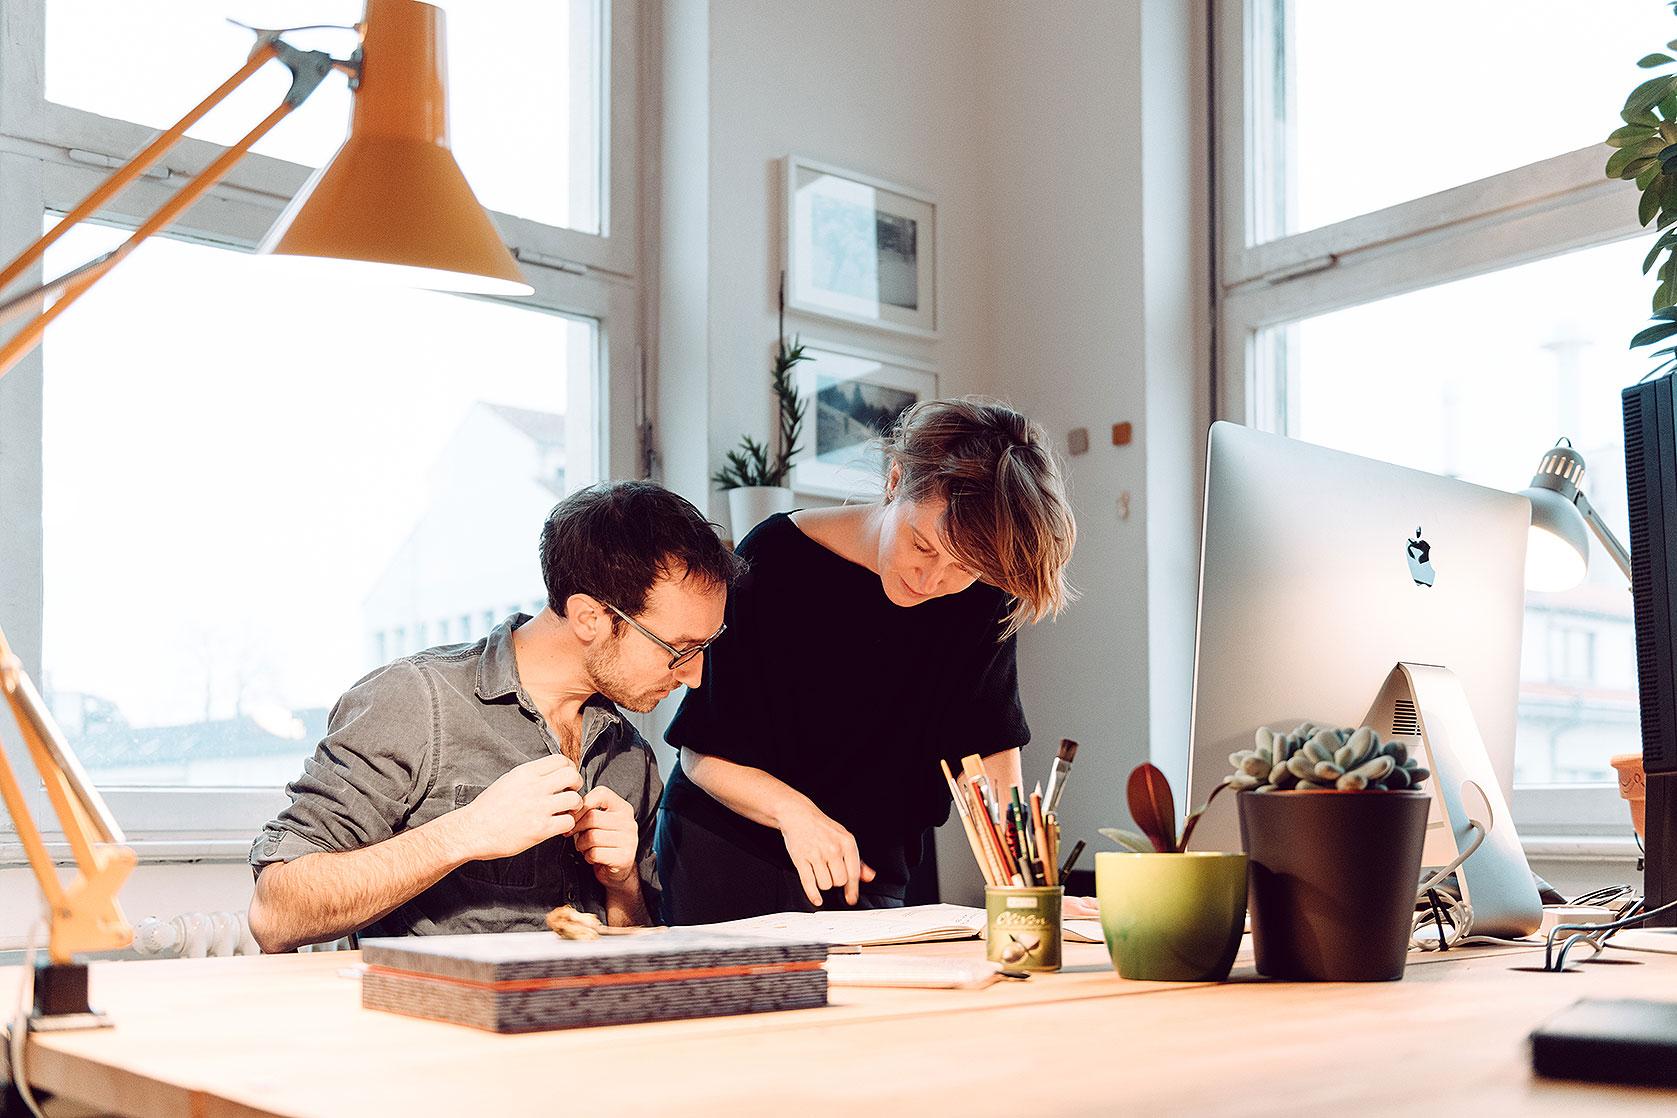 Markus Günther und Stefanie Kolb besprechen Design-Entwürfe im Studio